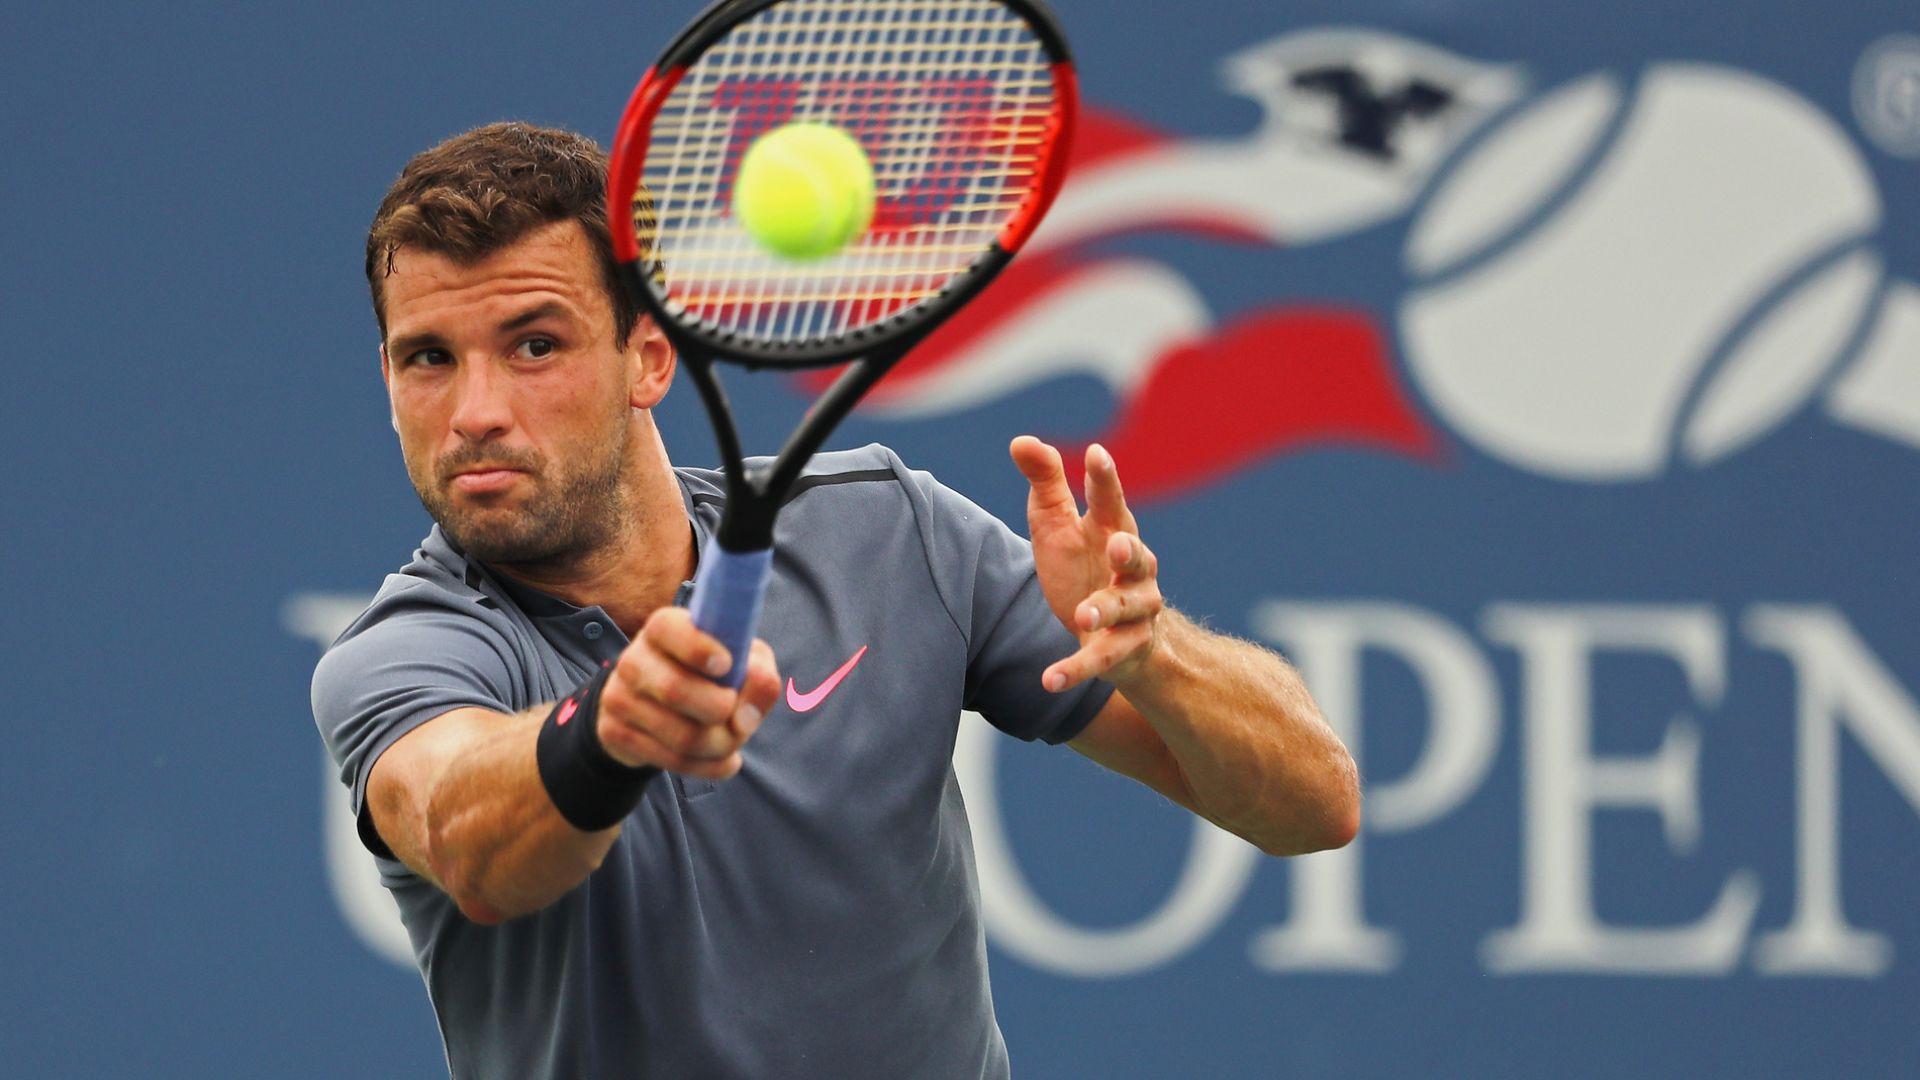 Голяма чест за Григор Димитров - открива US Open на легендарна арена